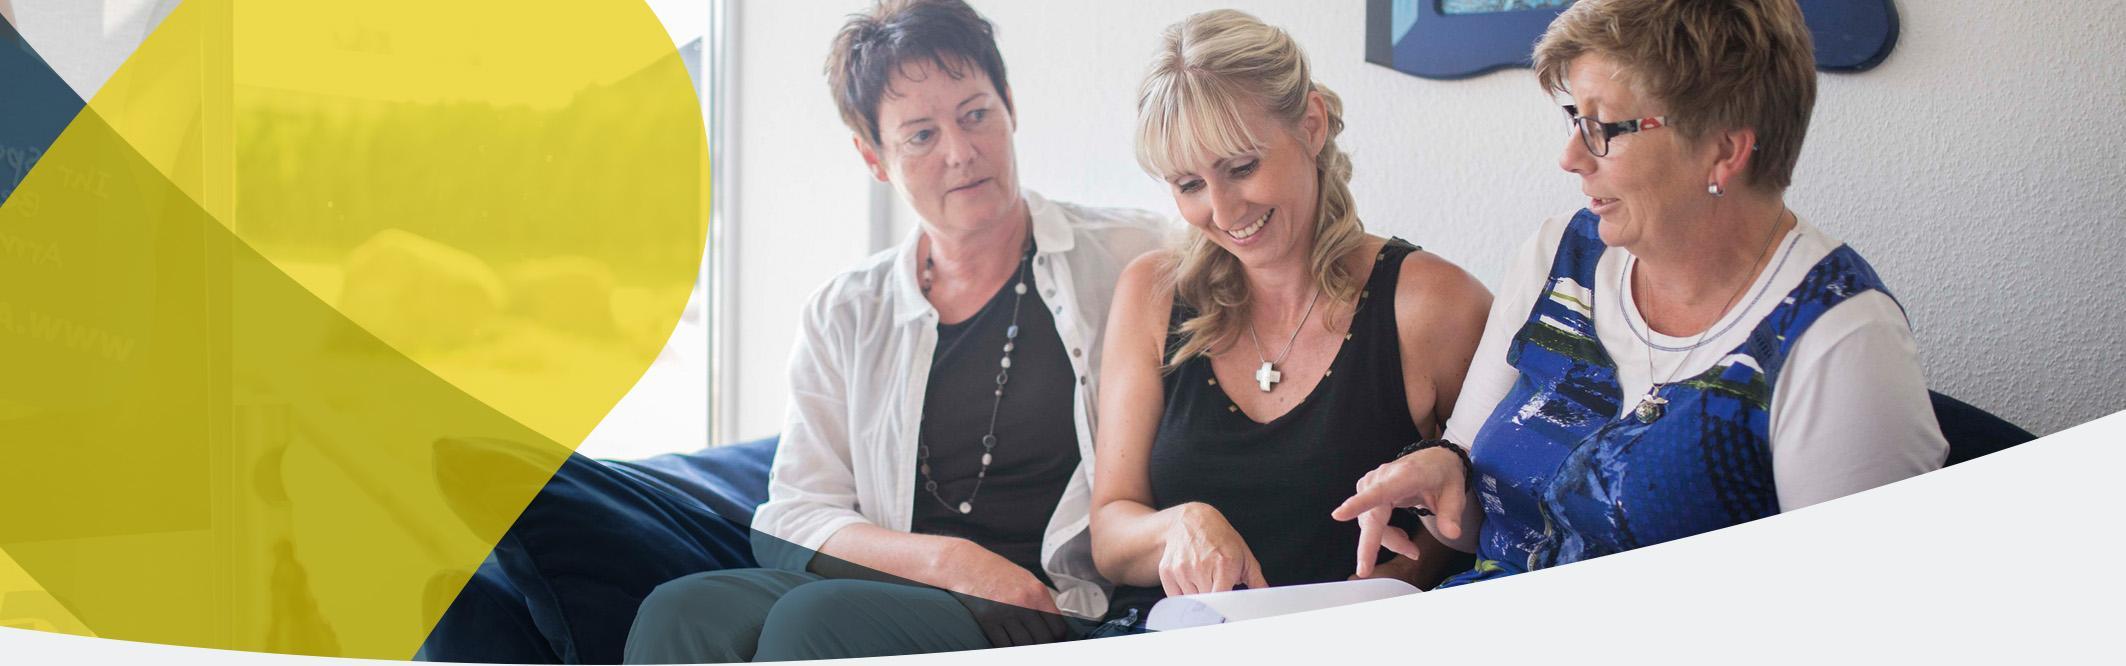 APT Prothesen - Mit Mitarbeitern & Offene Stellen